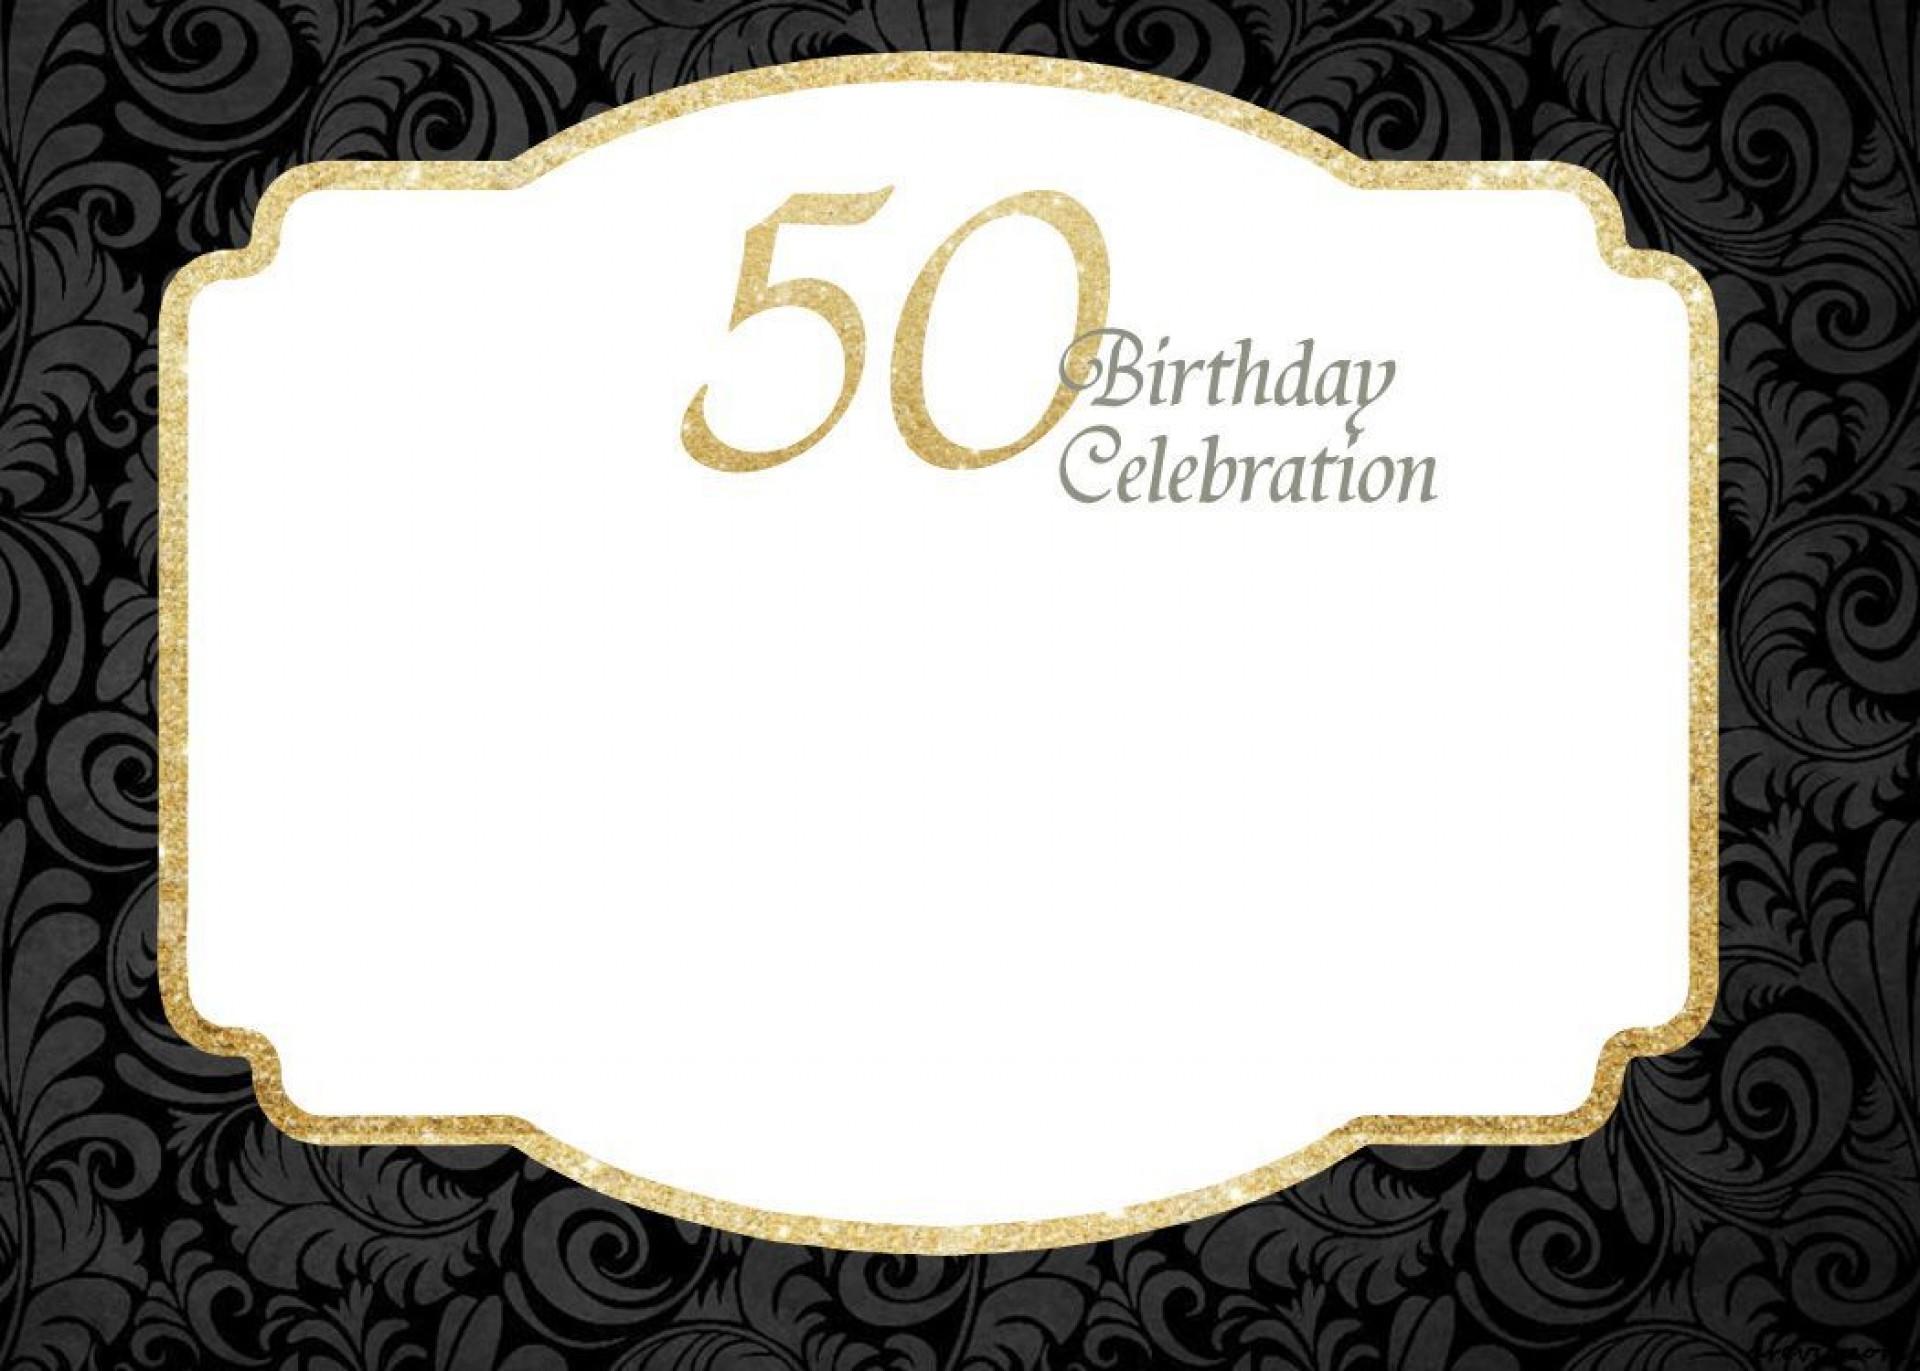 000 Unique Free 50th Anniversary Invitation Template For Word Sample 1920